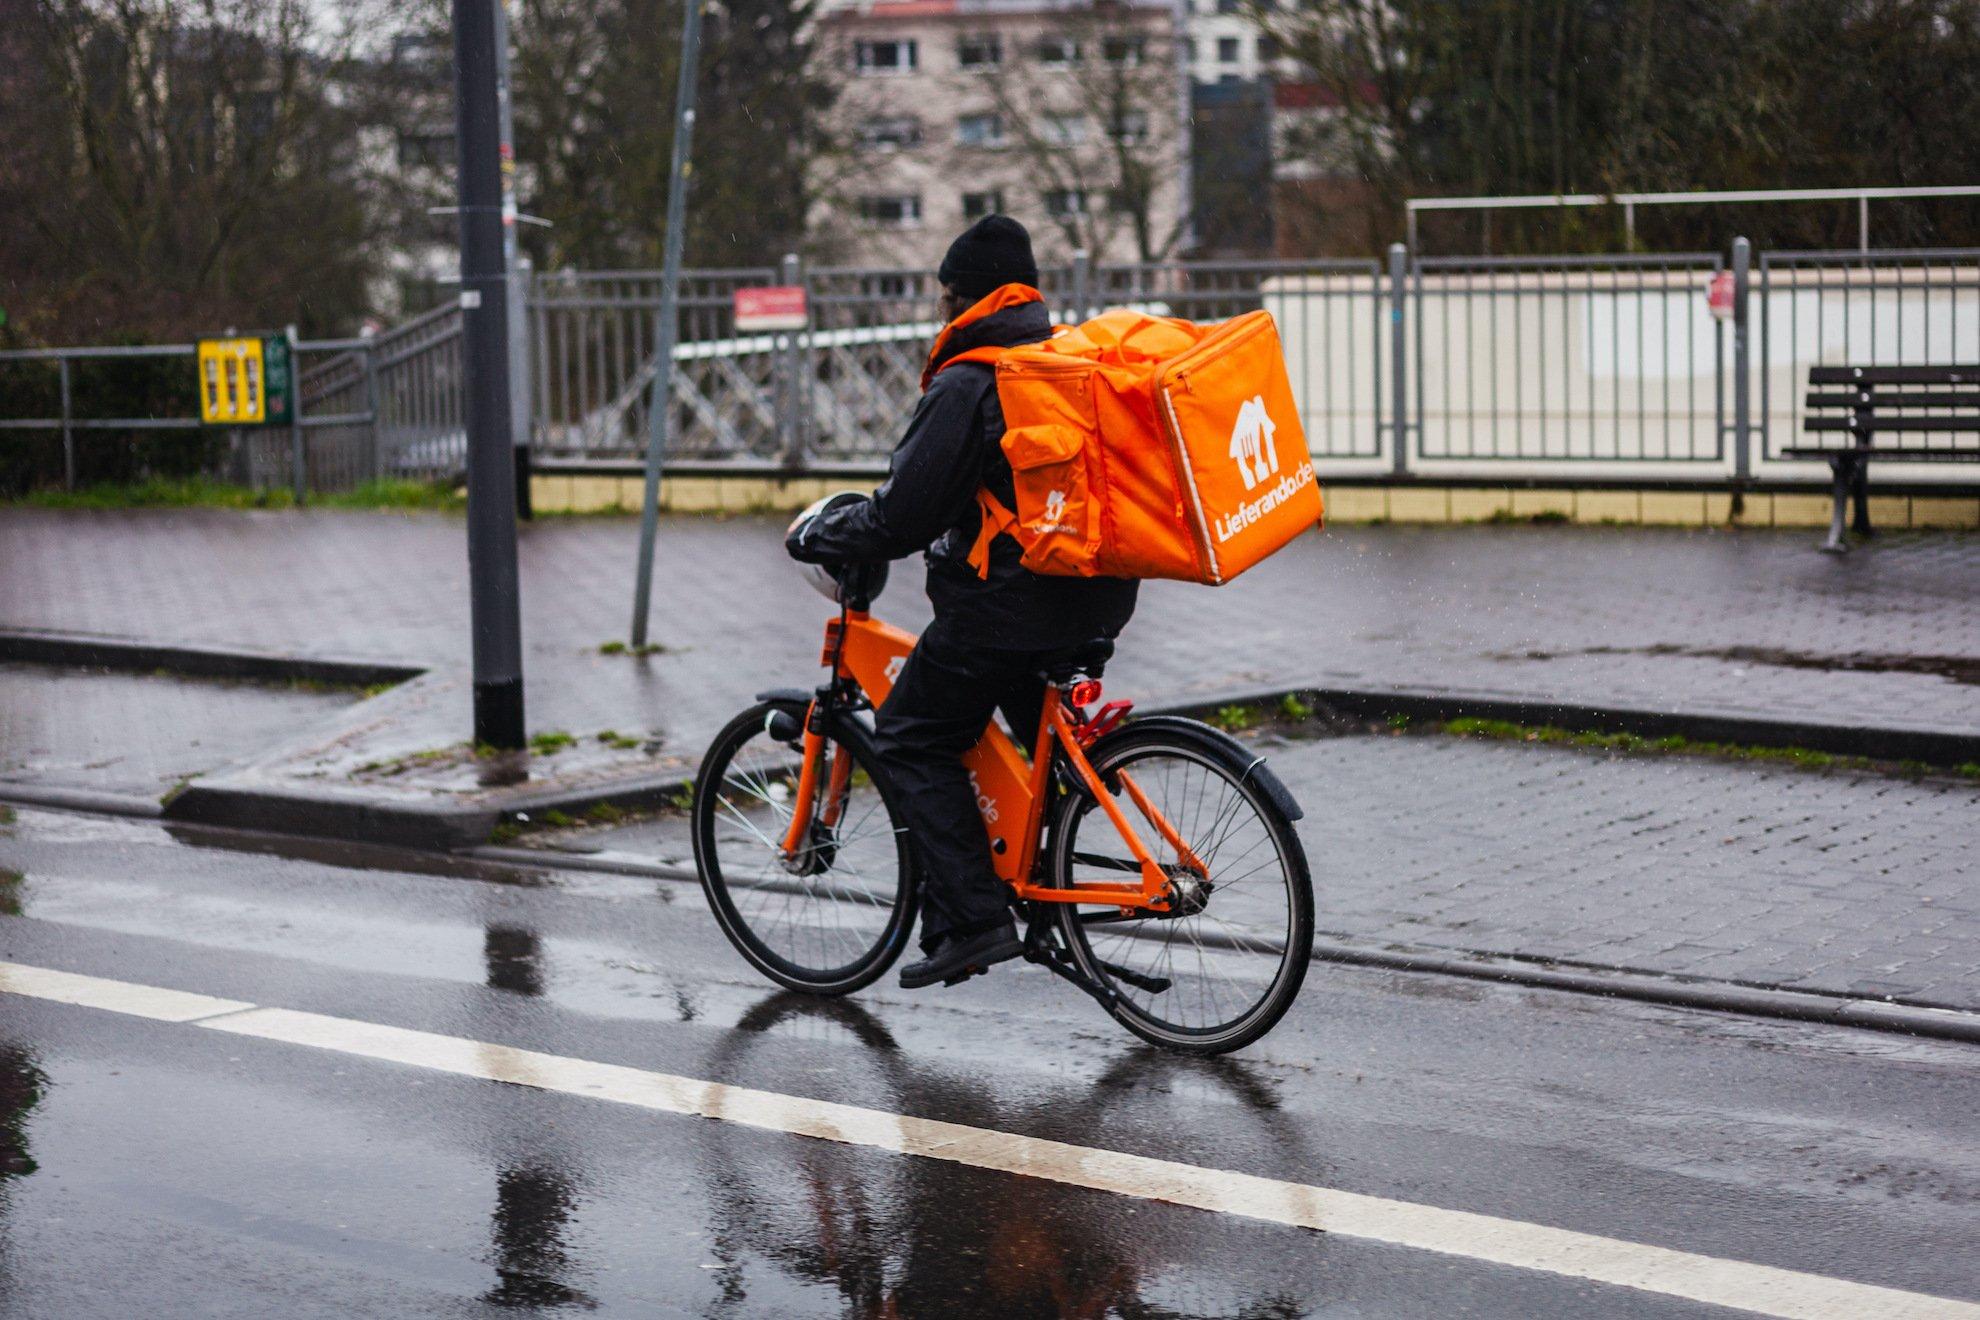 Zurück zum Thema | Gewerkschaften und Lieferdienste – Wie können sich Rider organisieren? | detektor.fm – Das Podcast-Radio